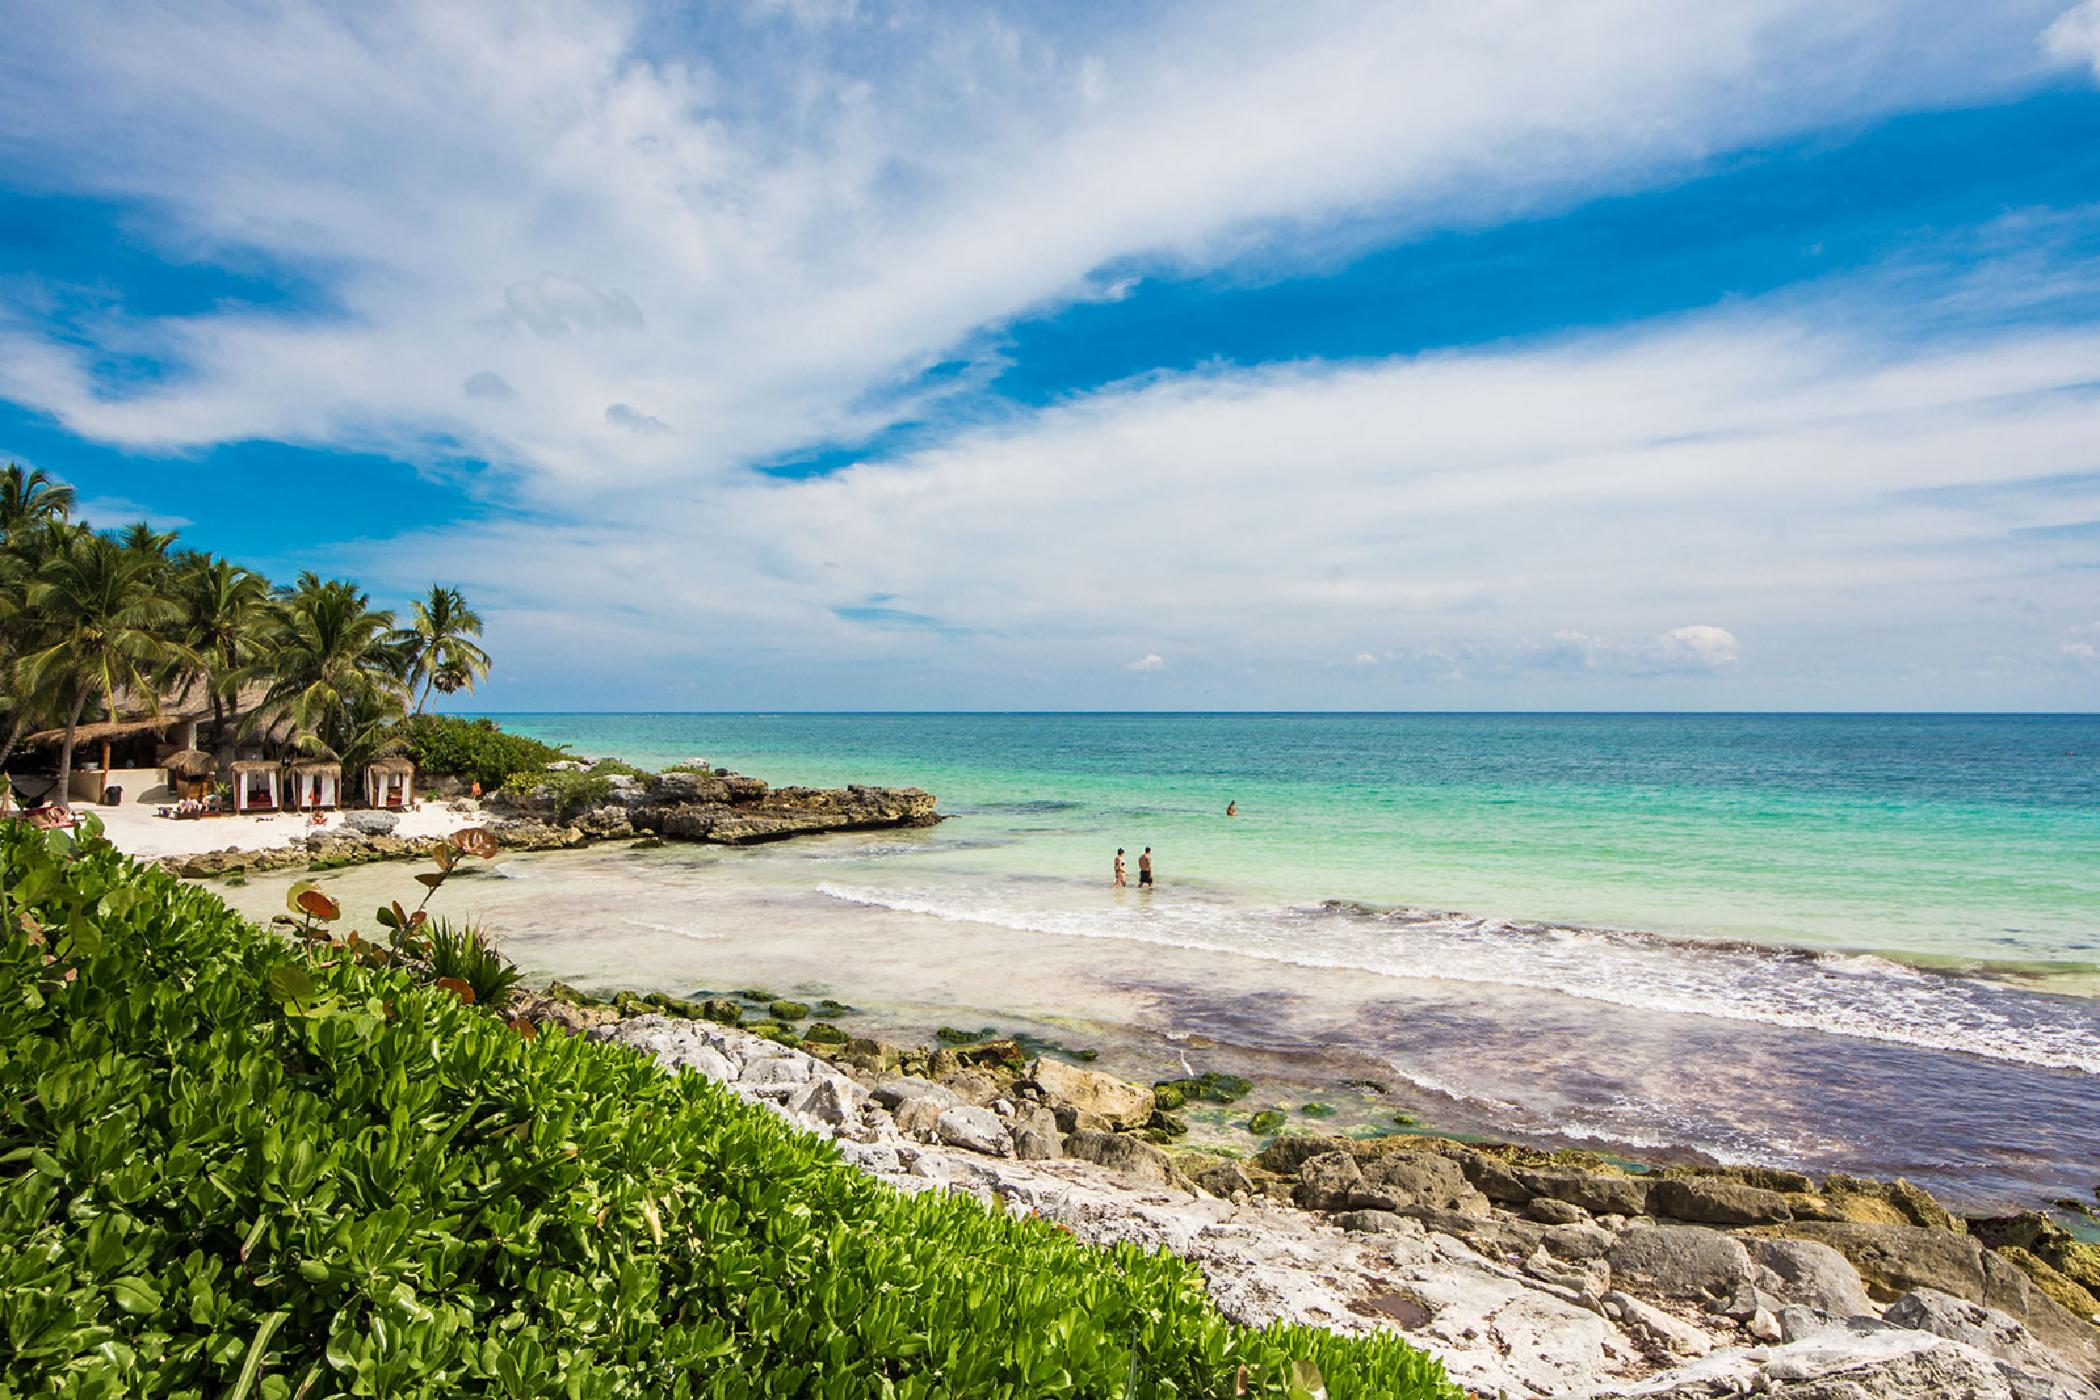 Maya_Luxe_Riviera_Maya_Luxury_Villas_Experiences_Tulum_Beach_5_Bedrooms_Villa_Miramar_9.jpg